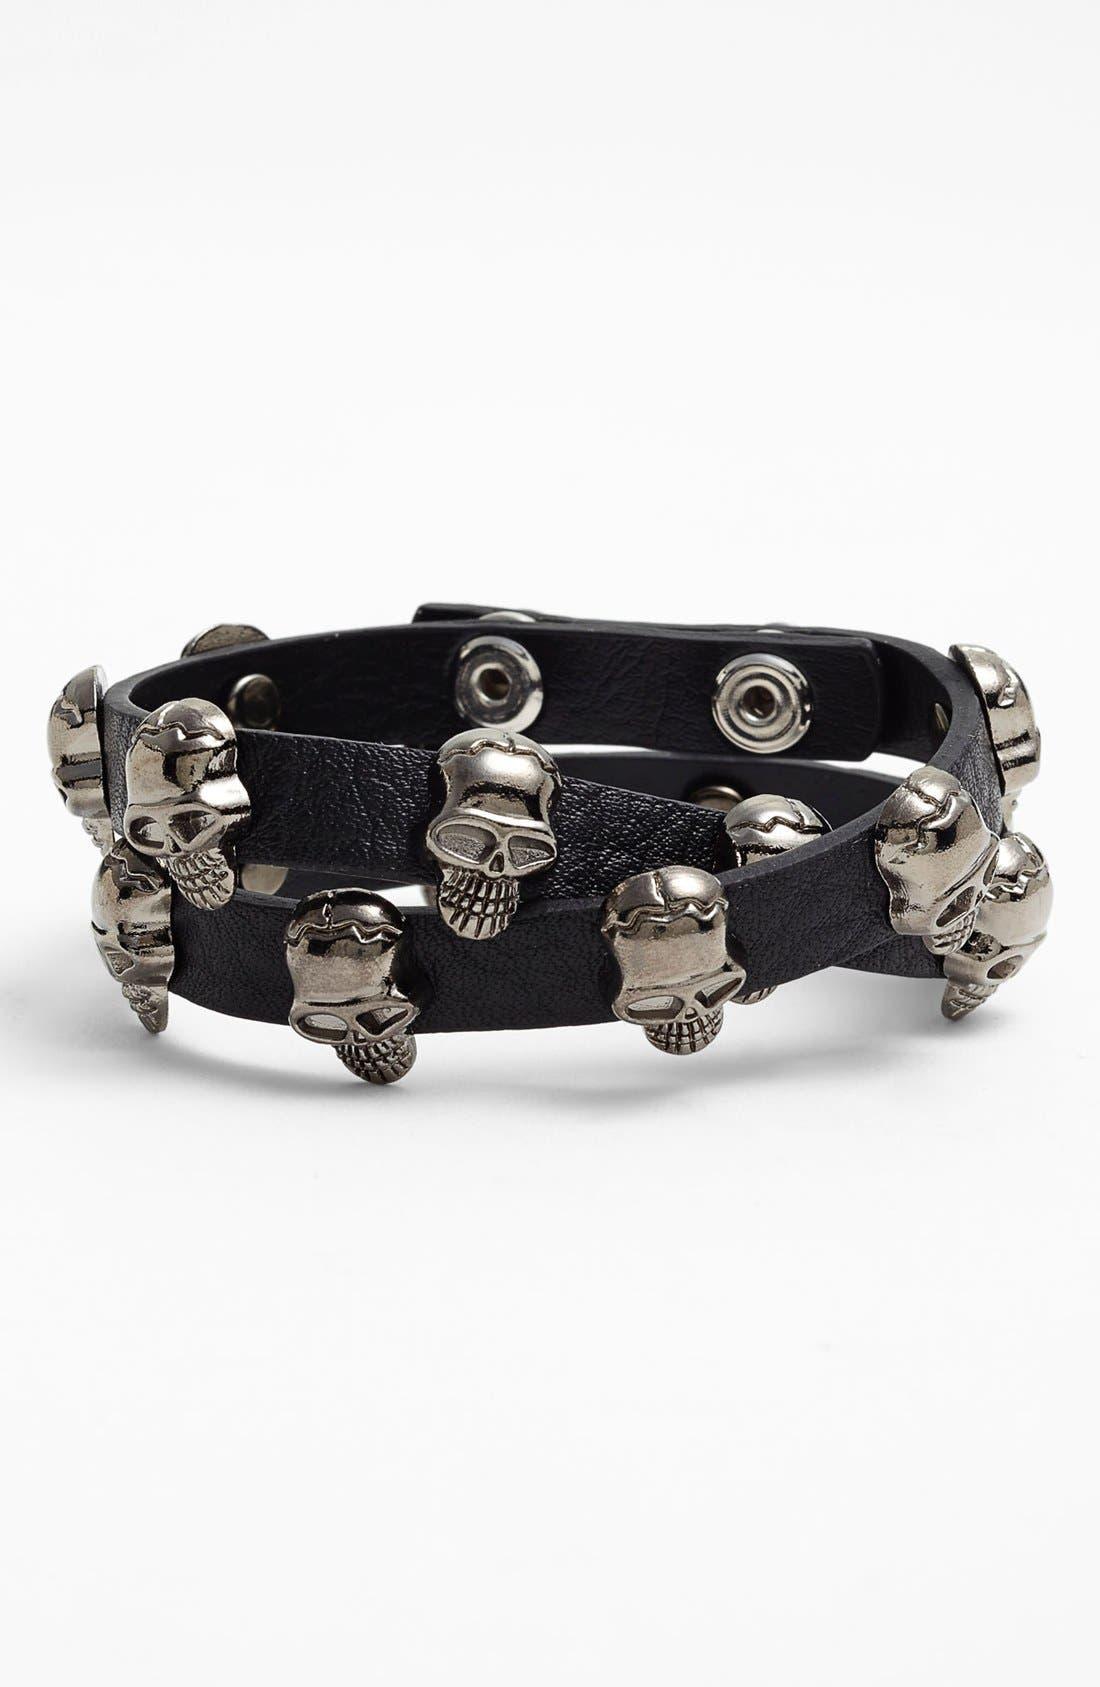 Main Image - Natasha Couture 'Skull' Double Wrap Bracelet